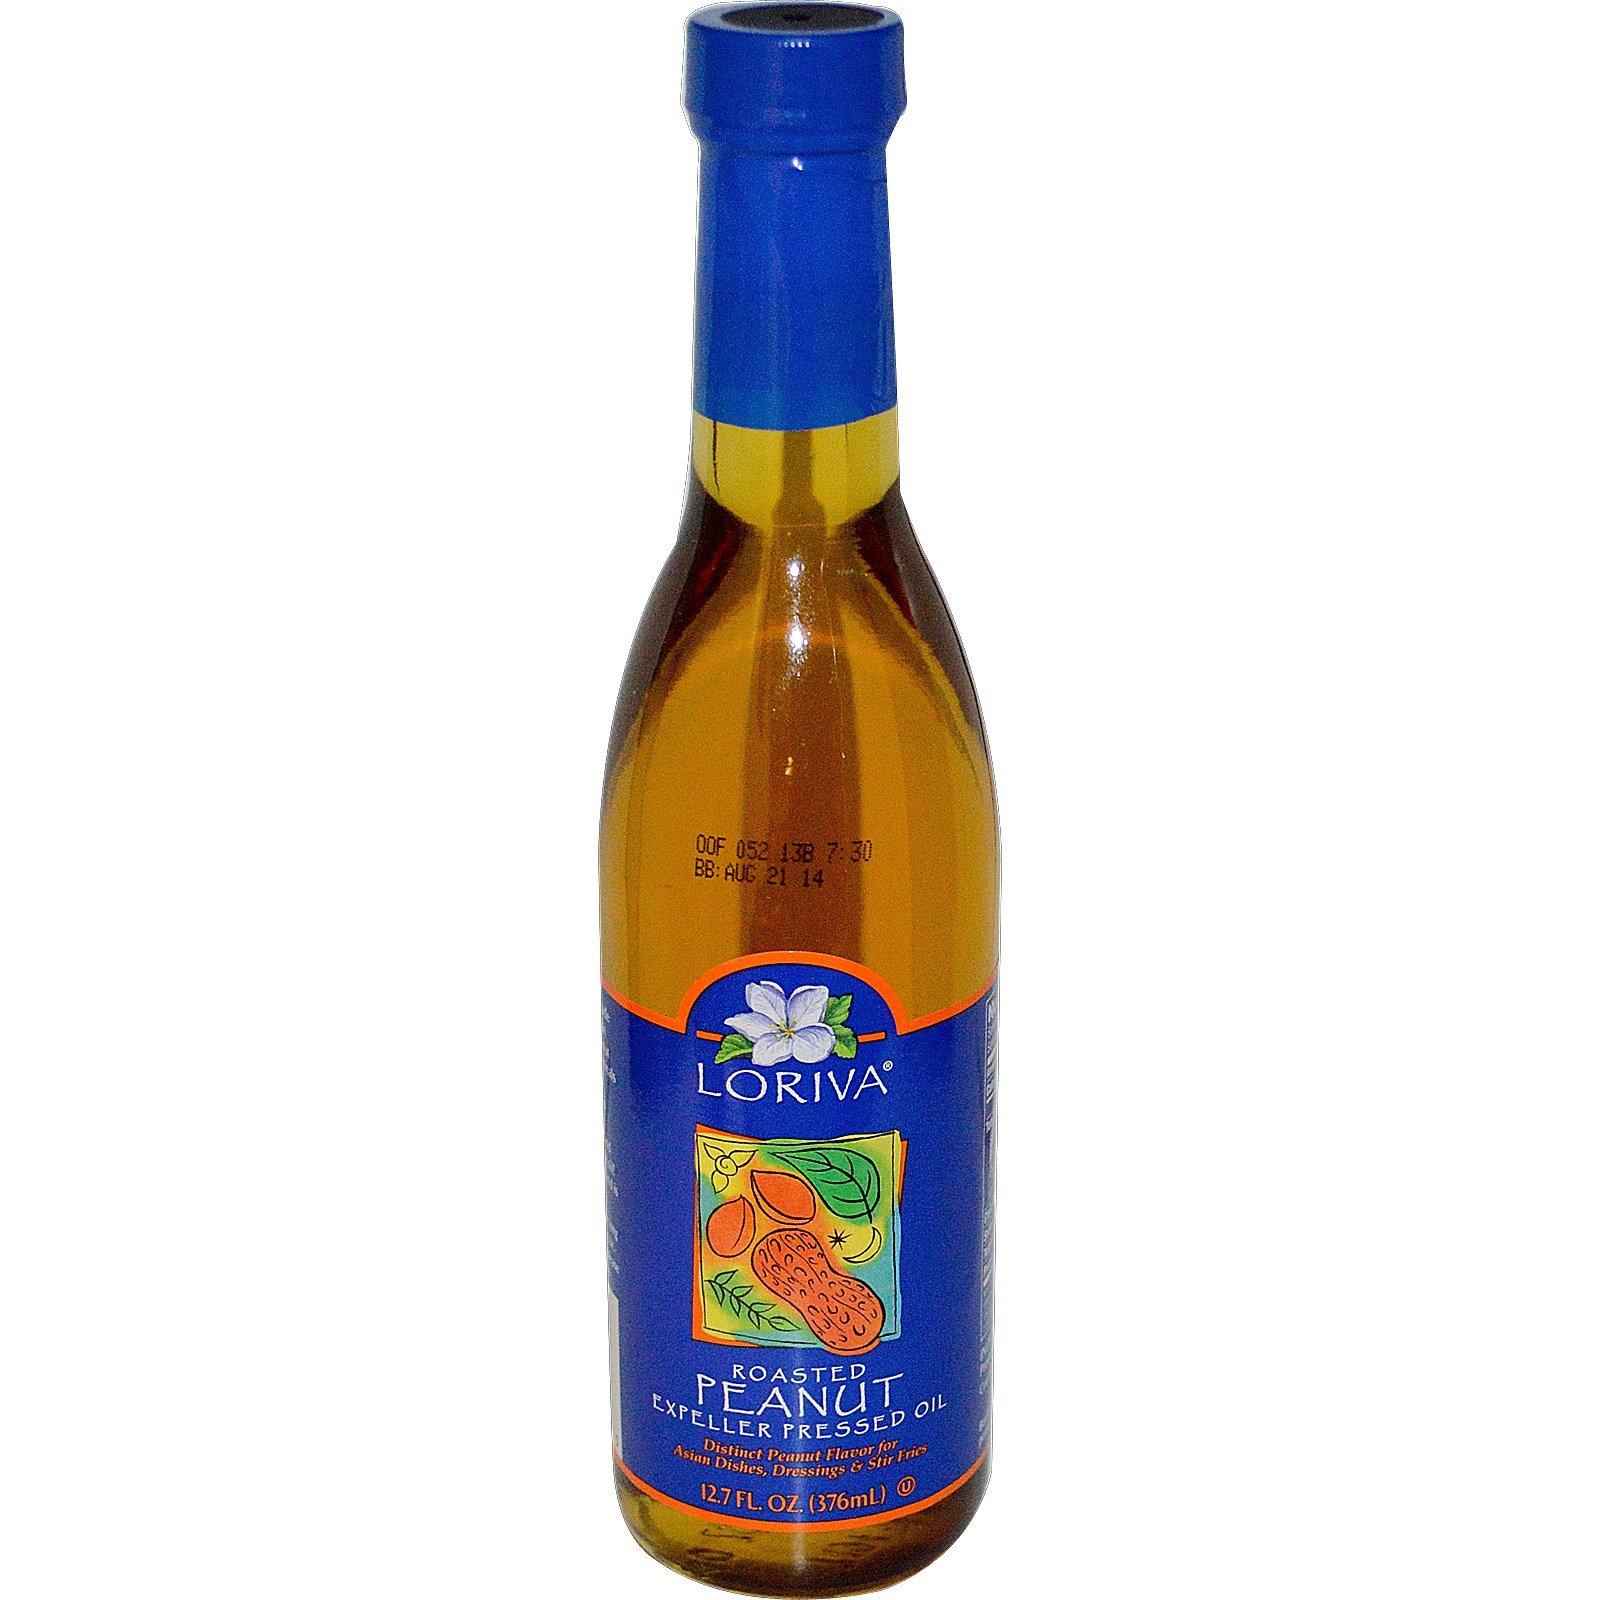 Loriva, Roasted Peanut Expeller Pressed Oil, 12.7 fl oz (376 ml) - 2PC